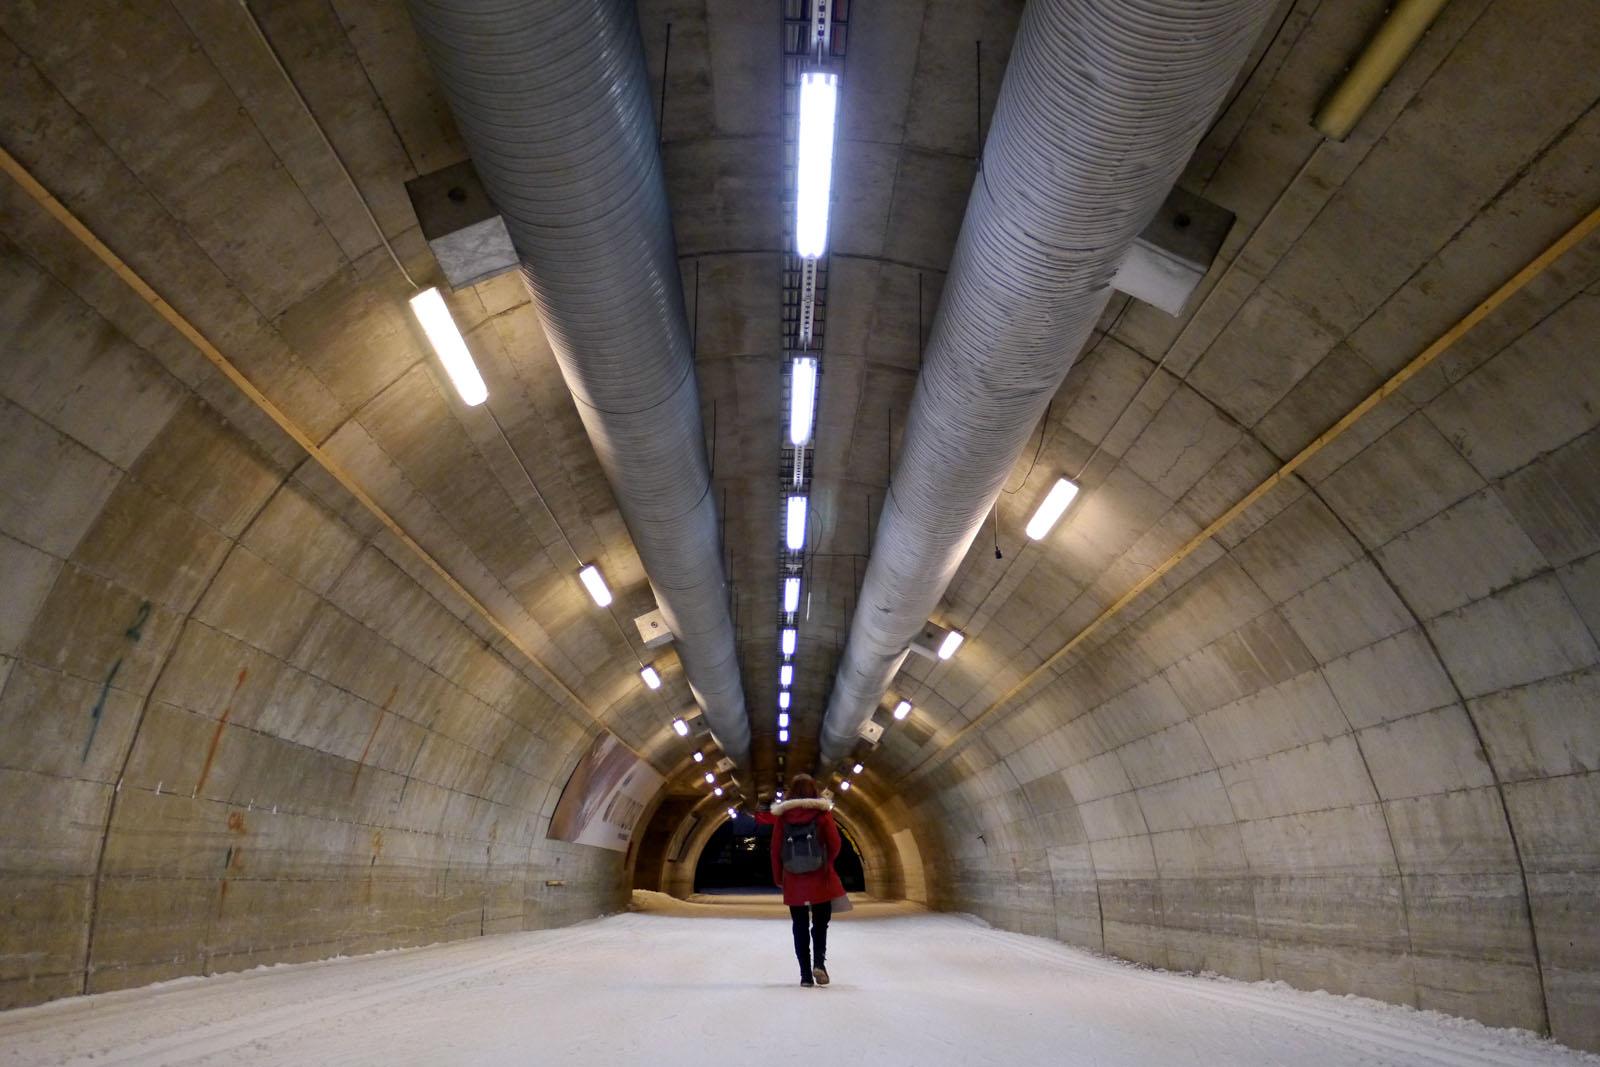 Langlauf Tunnel Vuokatti